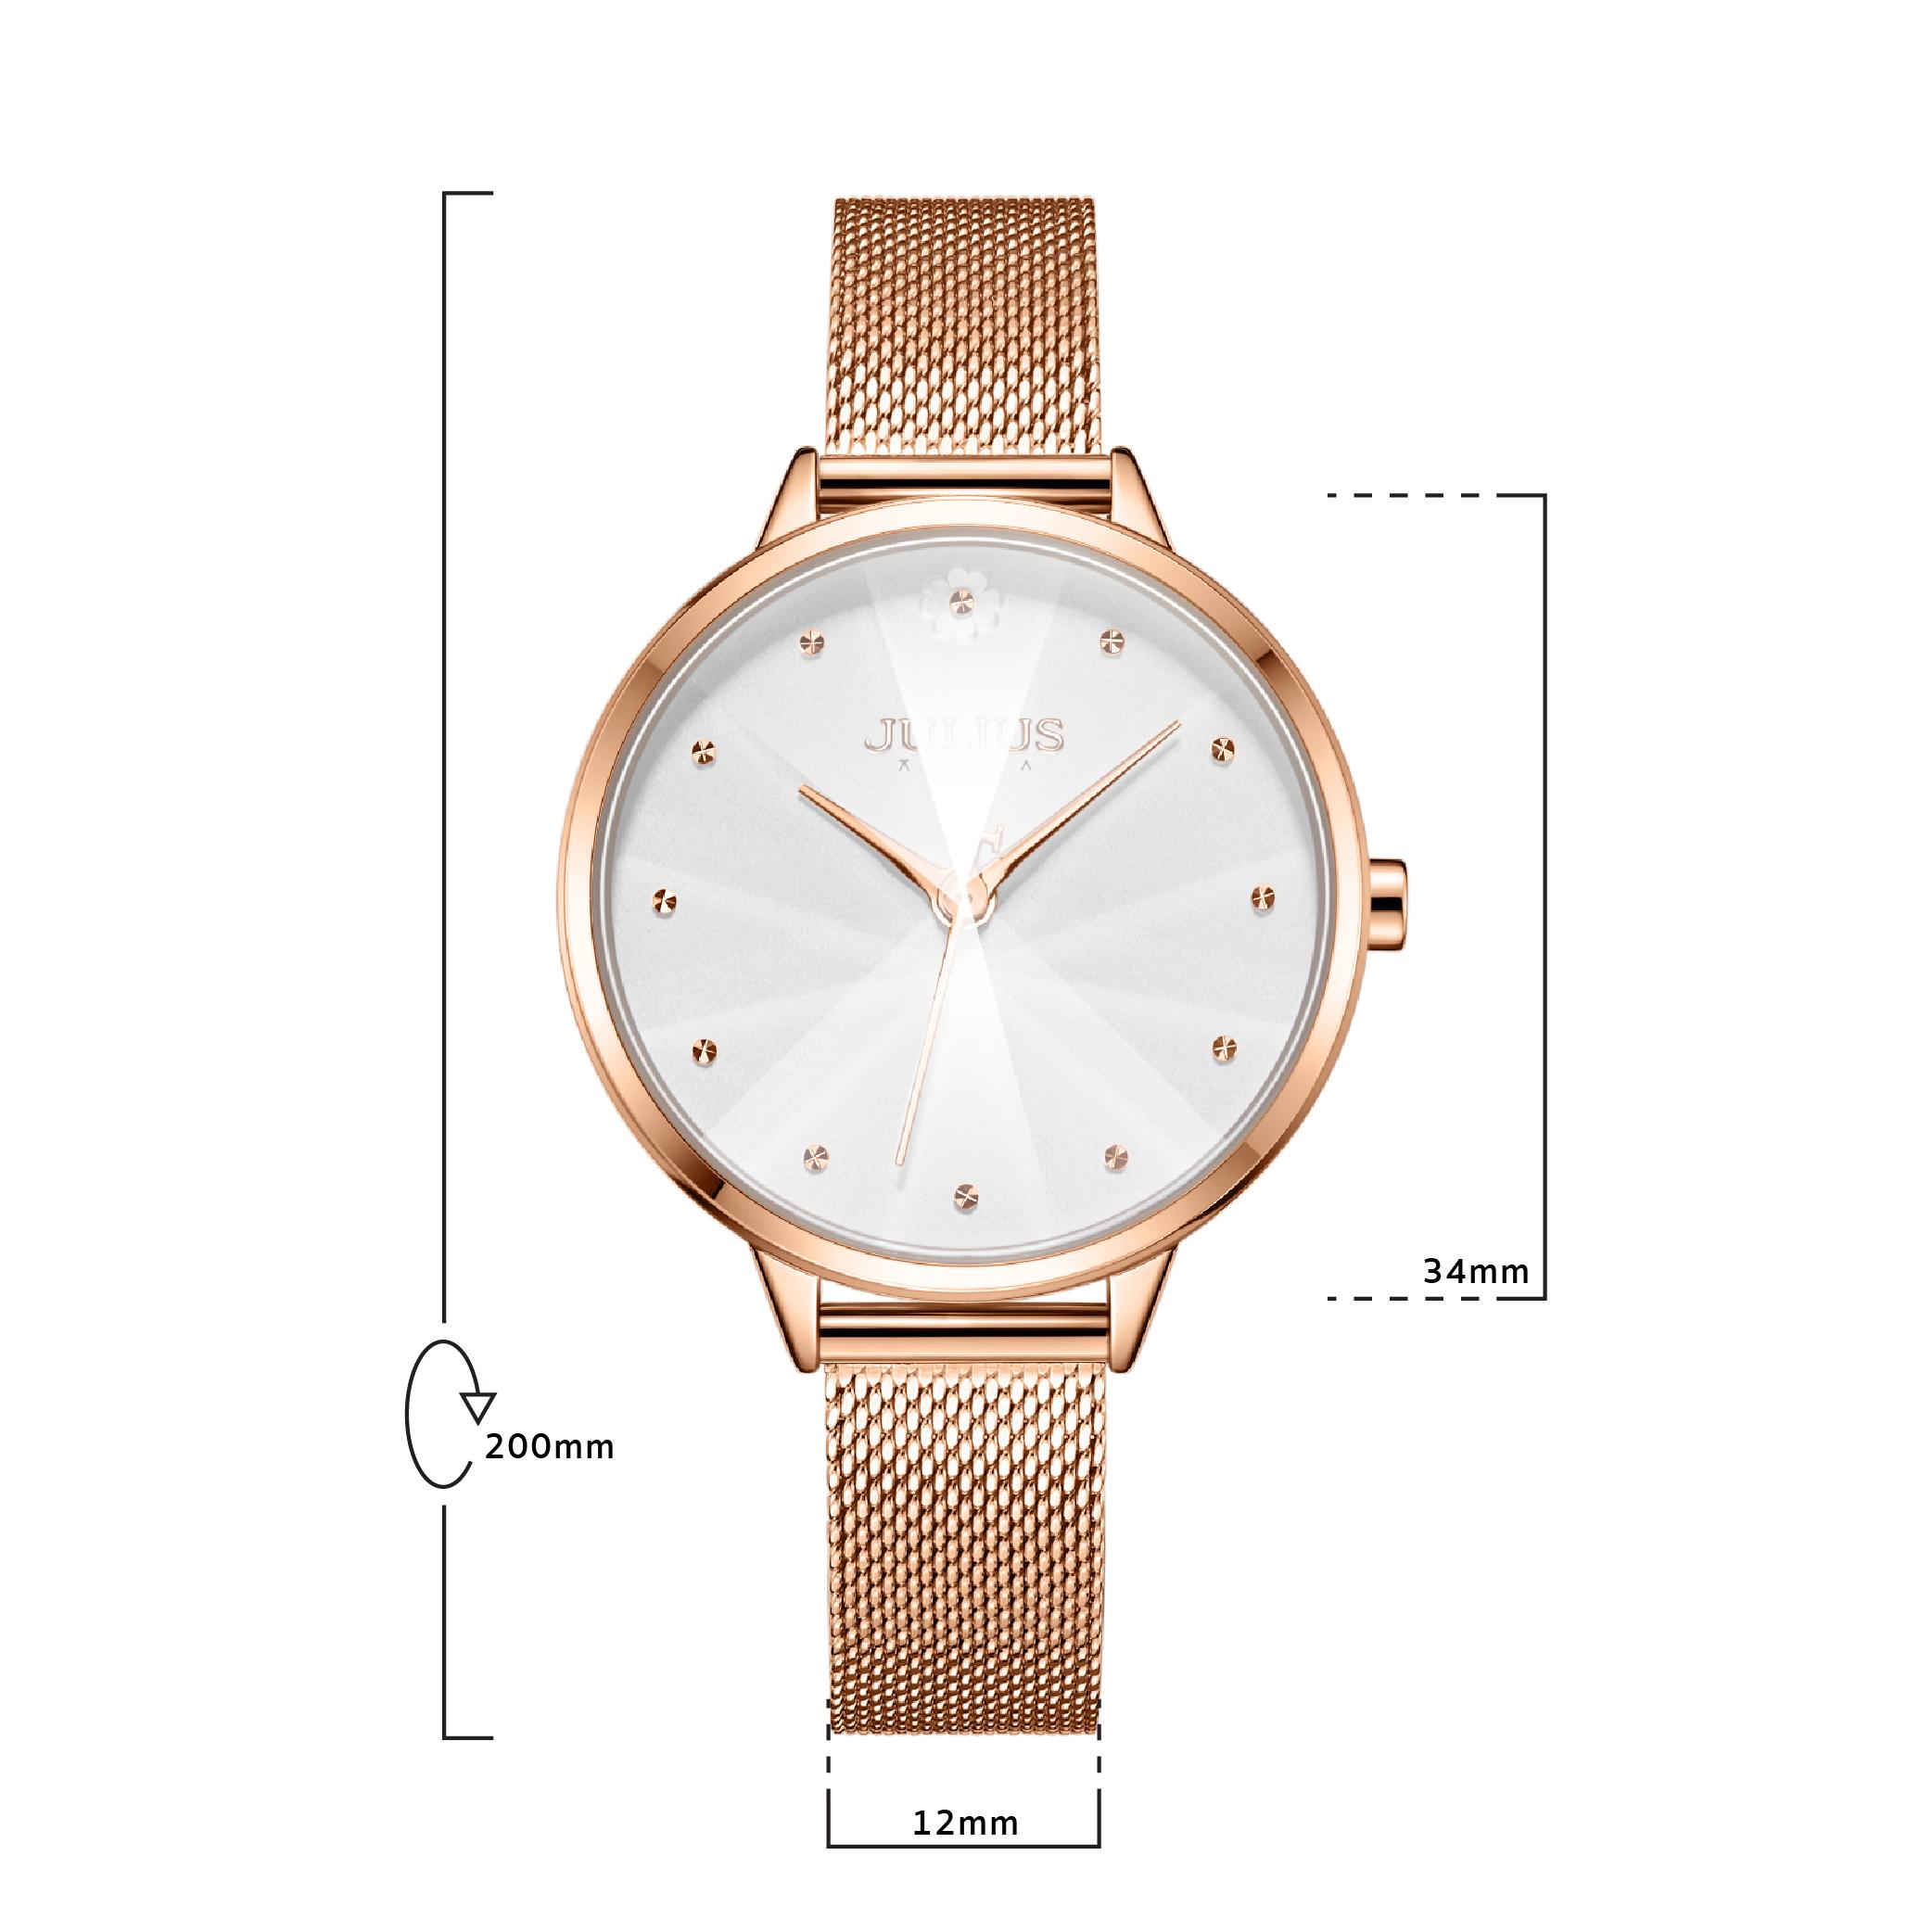 นาฬิกาข้อมือผู้หญิง JULIUS 1235A